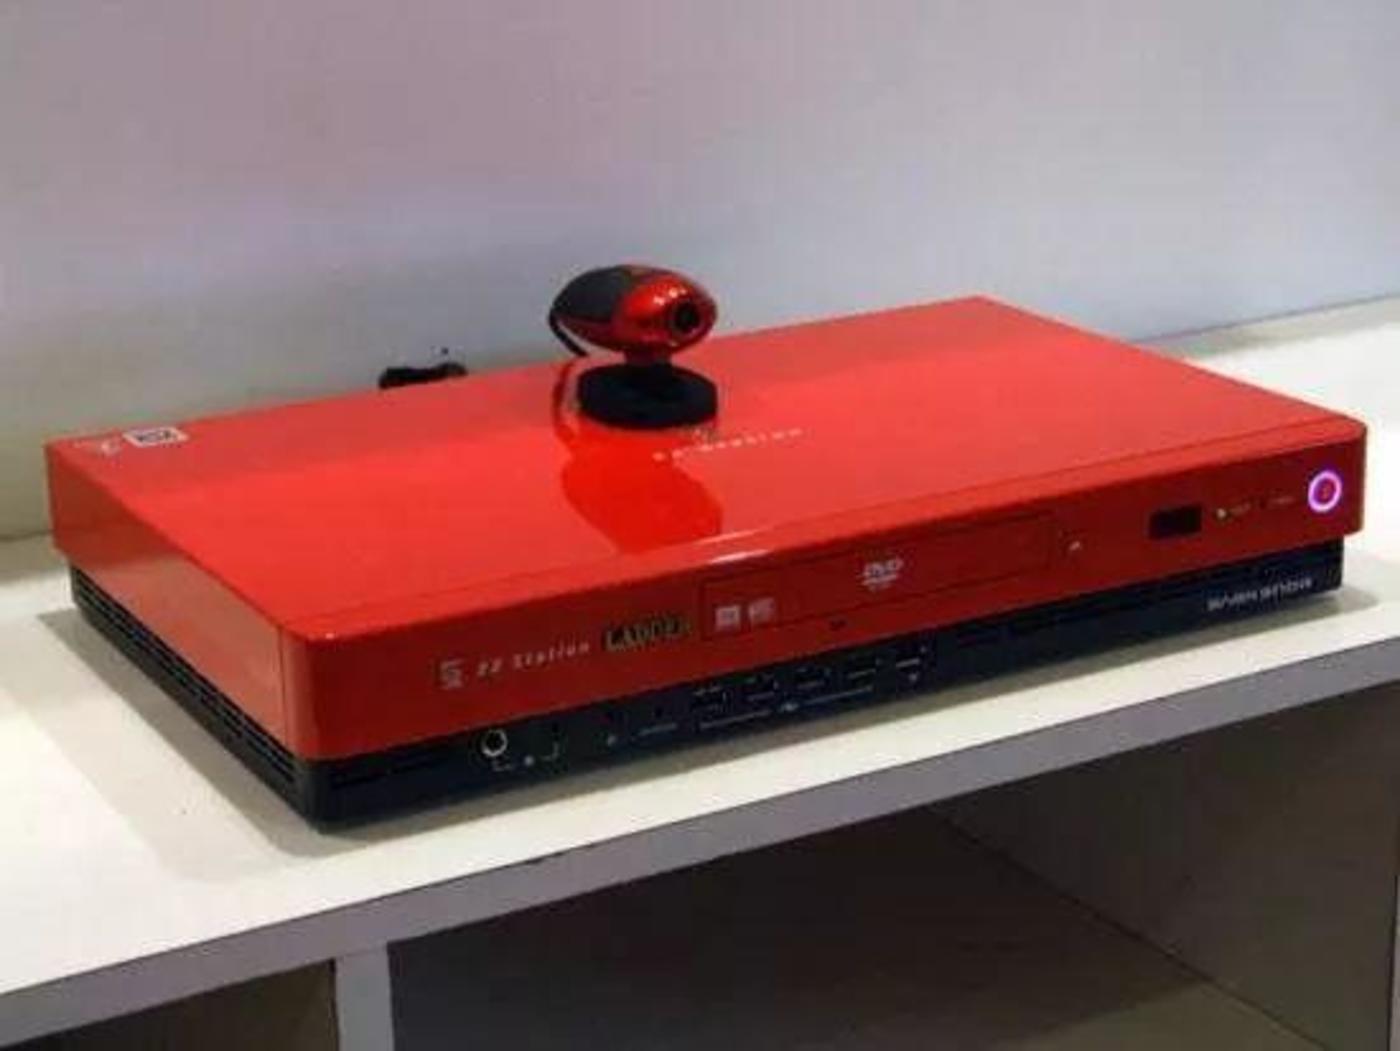 陈天桥的心血杰作——盛大盒子作为次世代家庭互动娱乐的内容中心,其产品理念和产品推出领先苹果公司的第一代APPLE TV长达两年之久